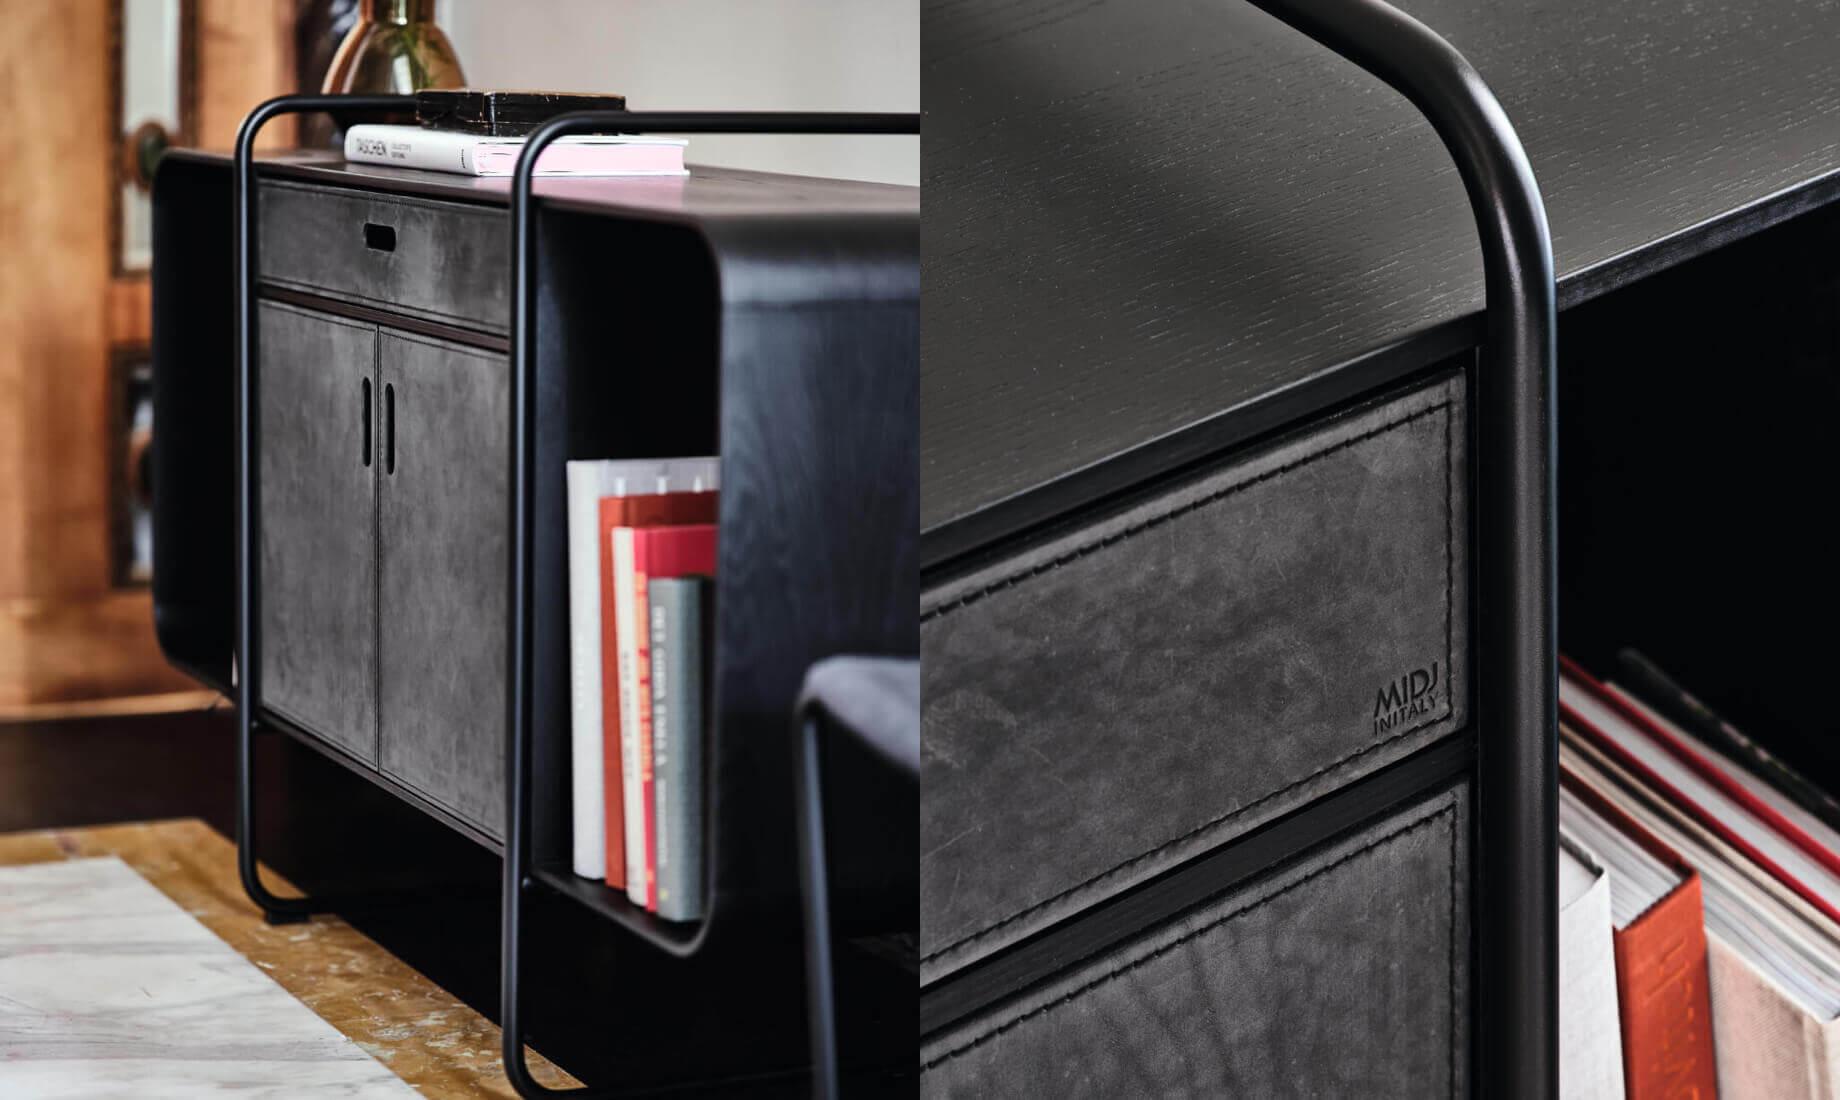 Details Apelle sideboard - Midj